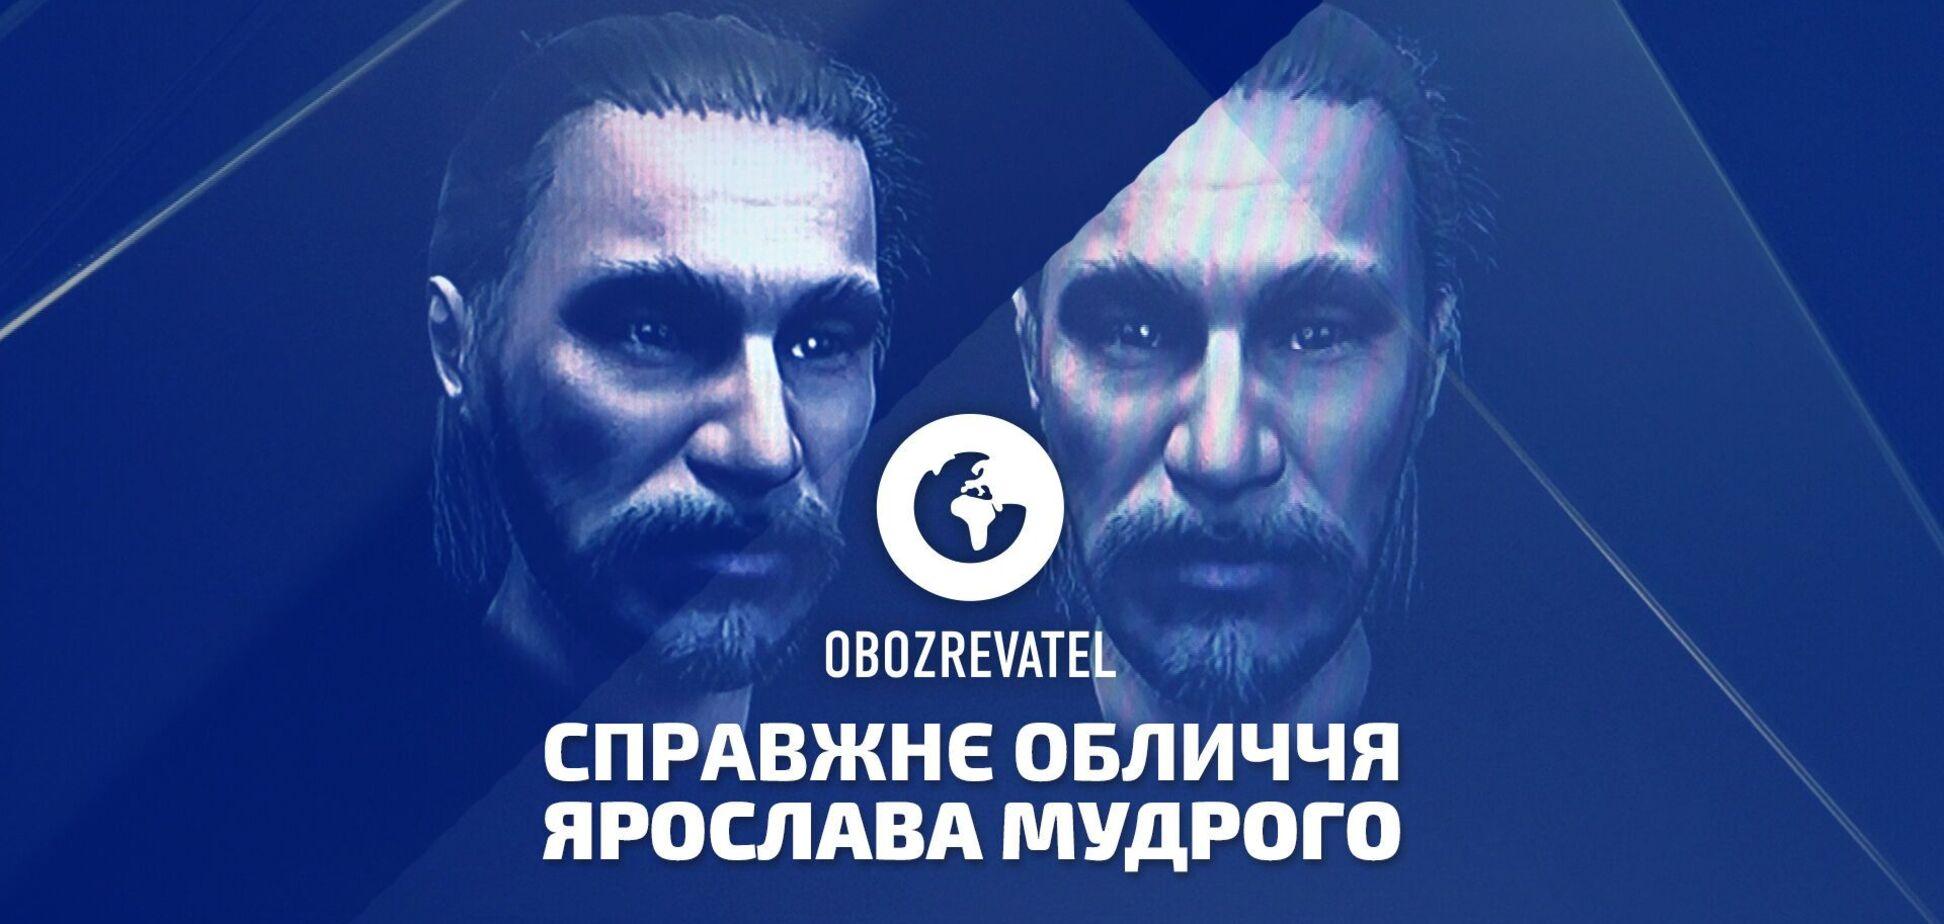 З блакитними очима та без довгої бороди – відтворено справжнє обличчя Ярослава Мудрого